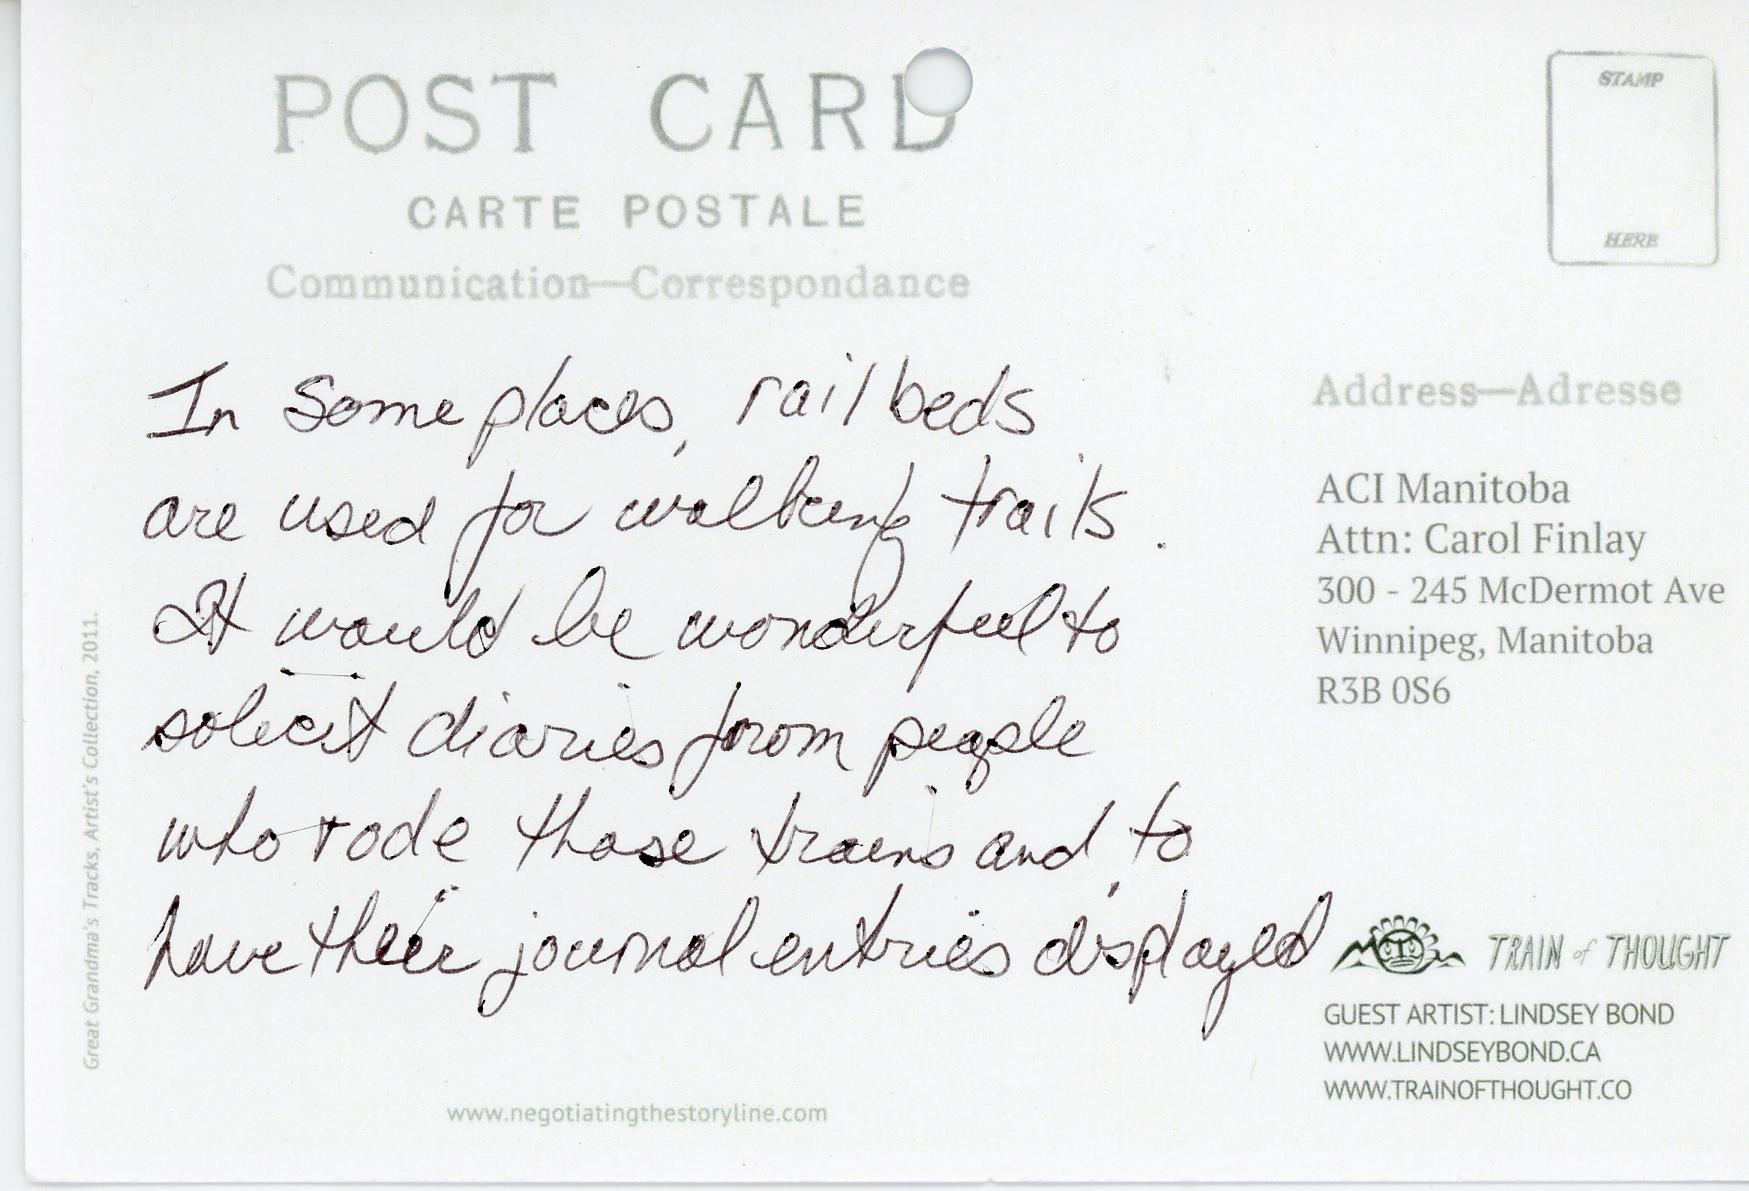 TOT_postcard018.jpg